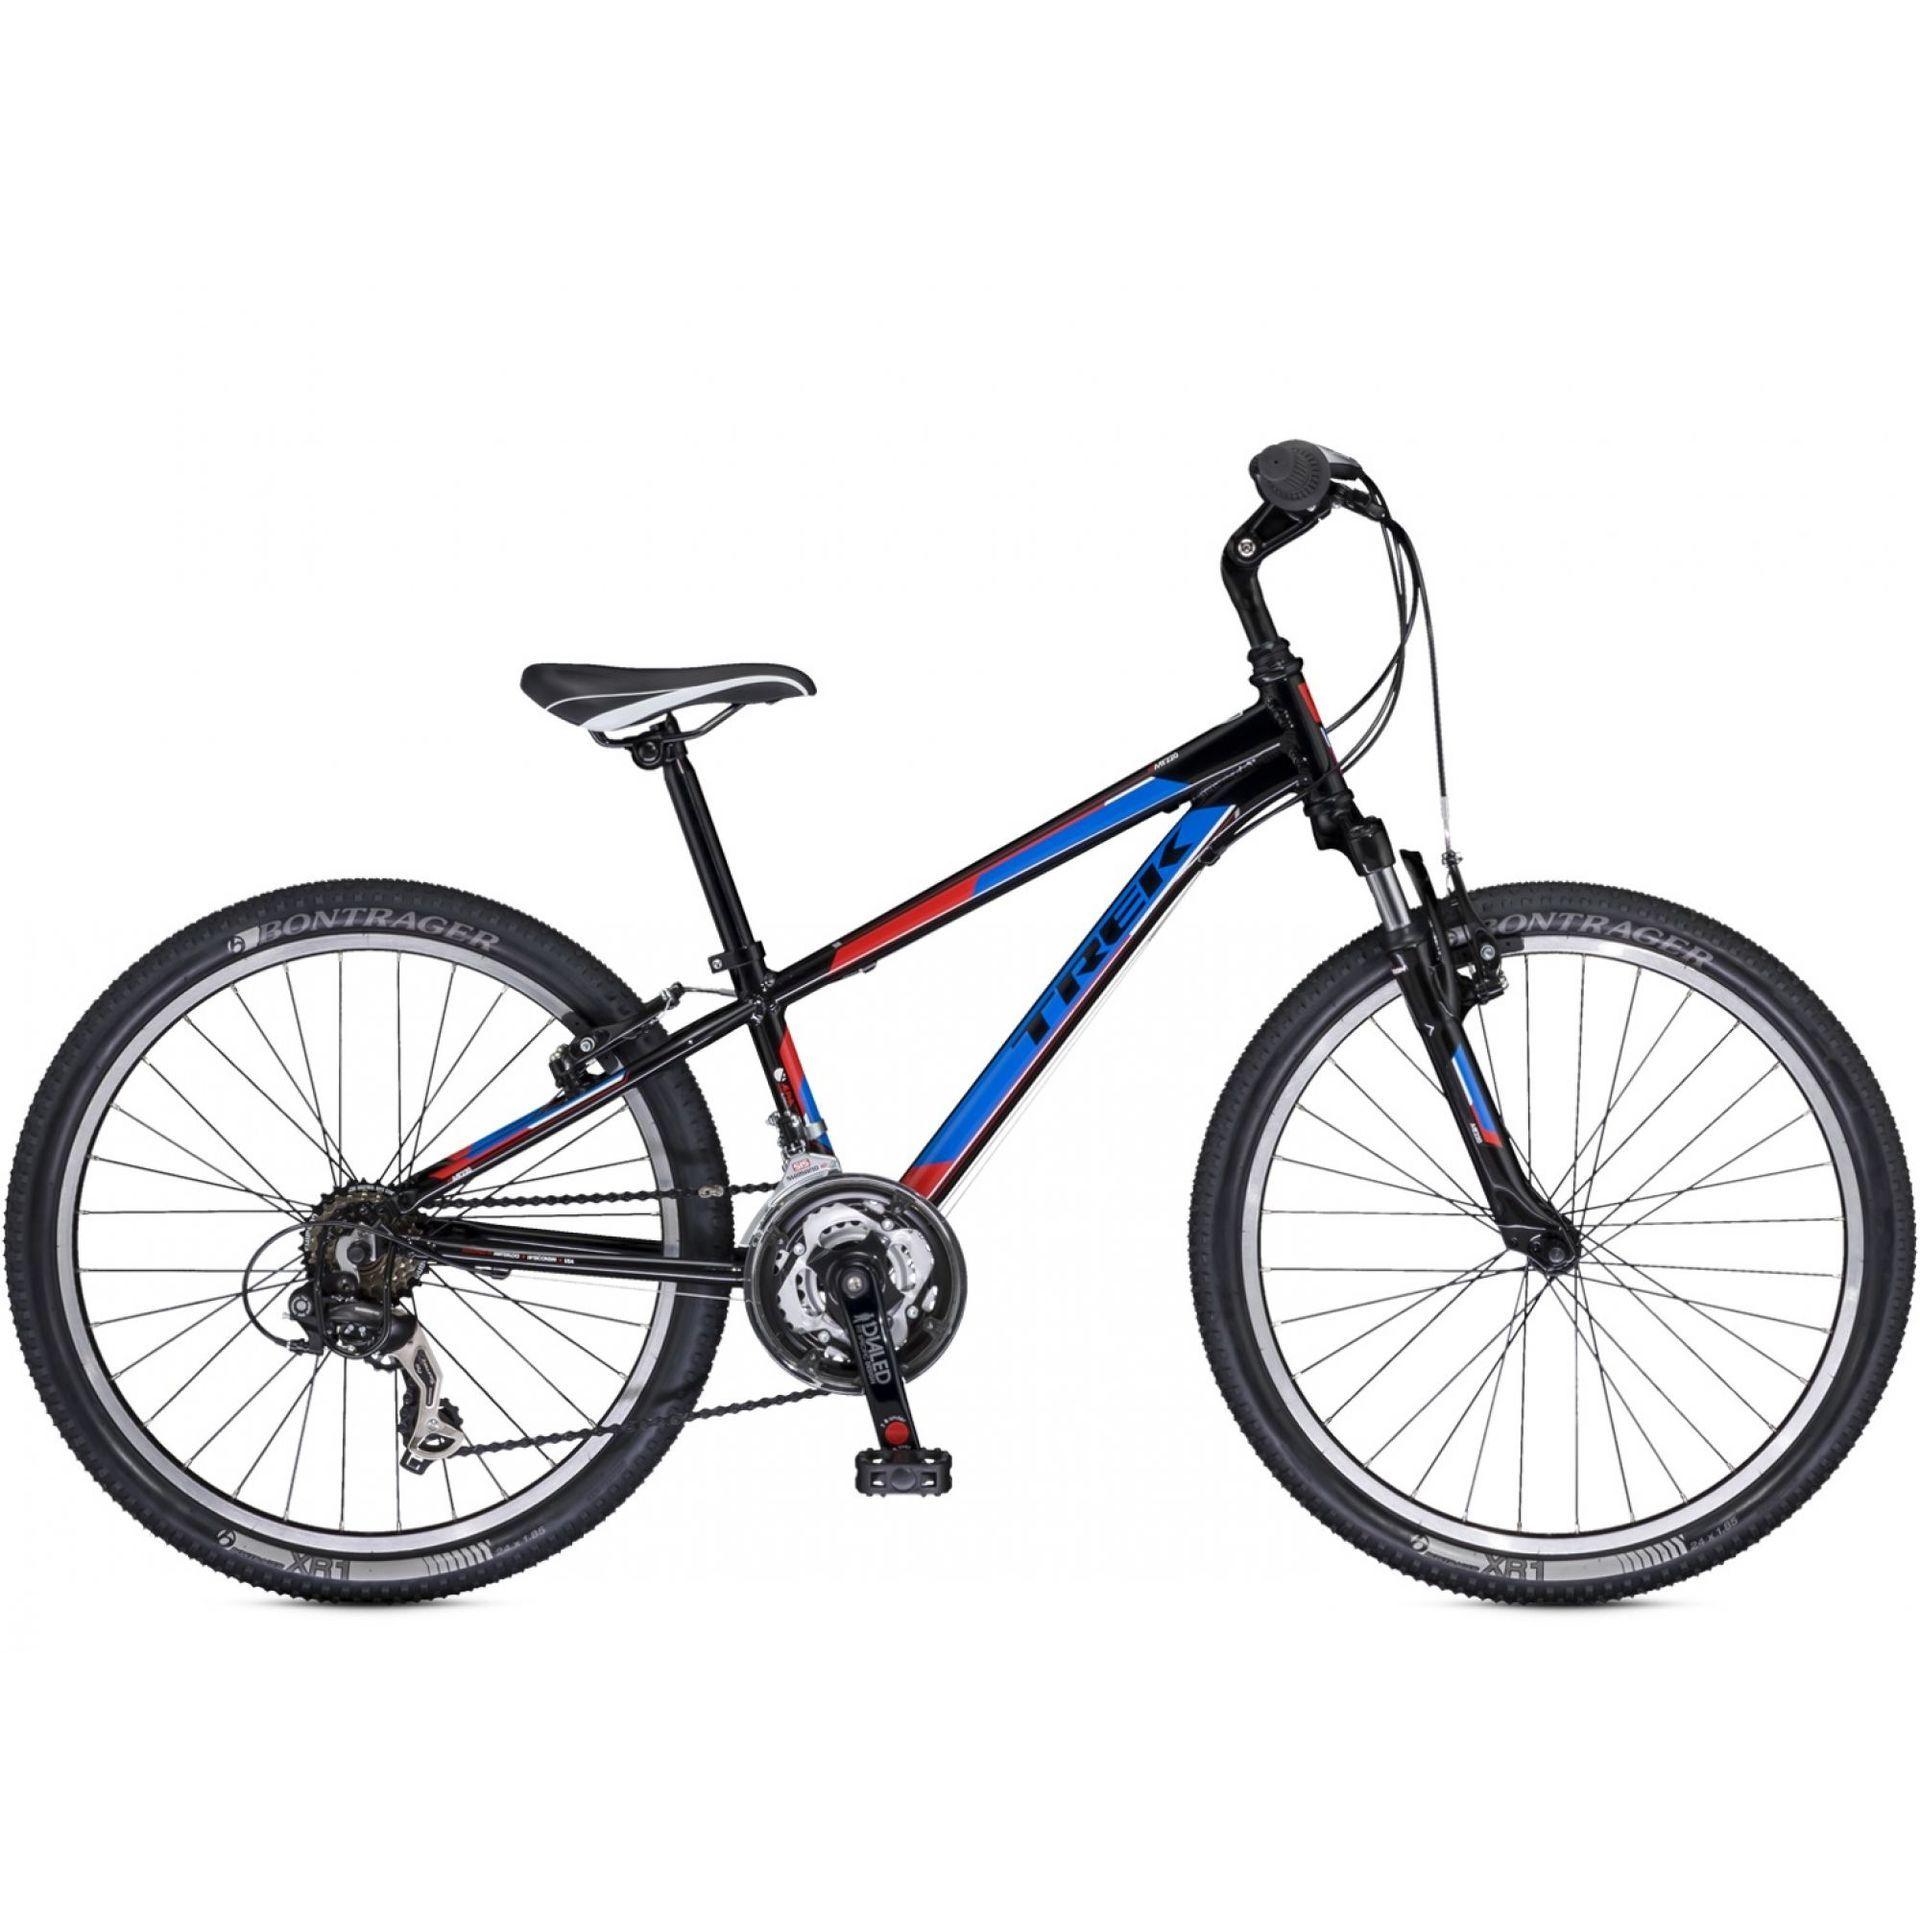 Rower Trek MT Track 220 Boy